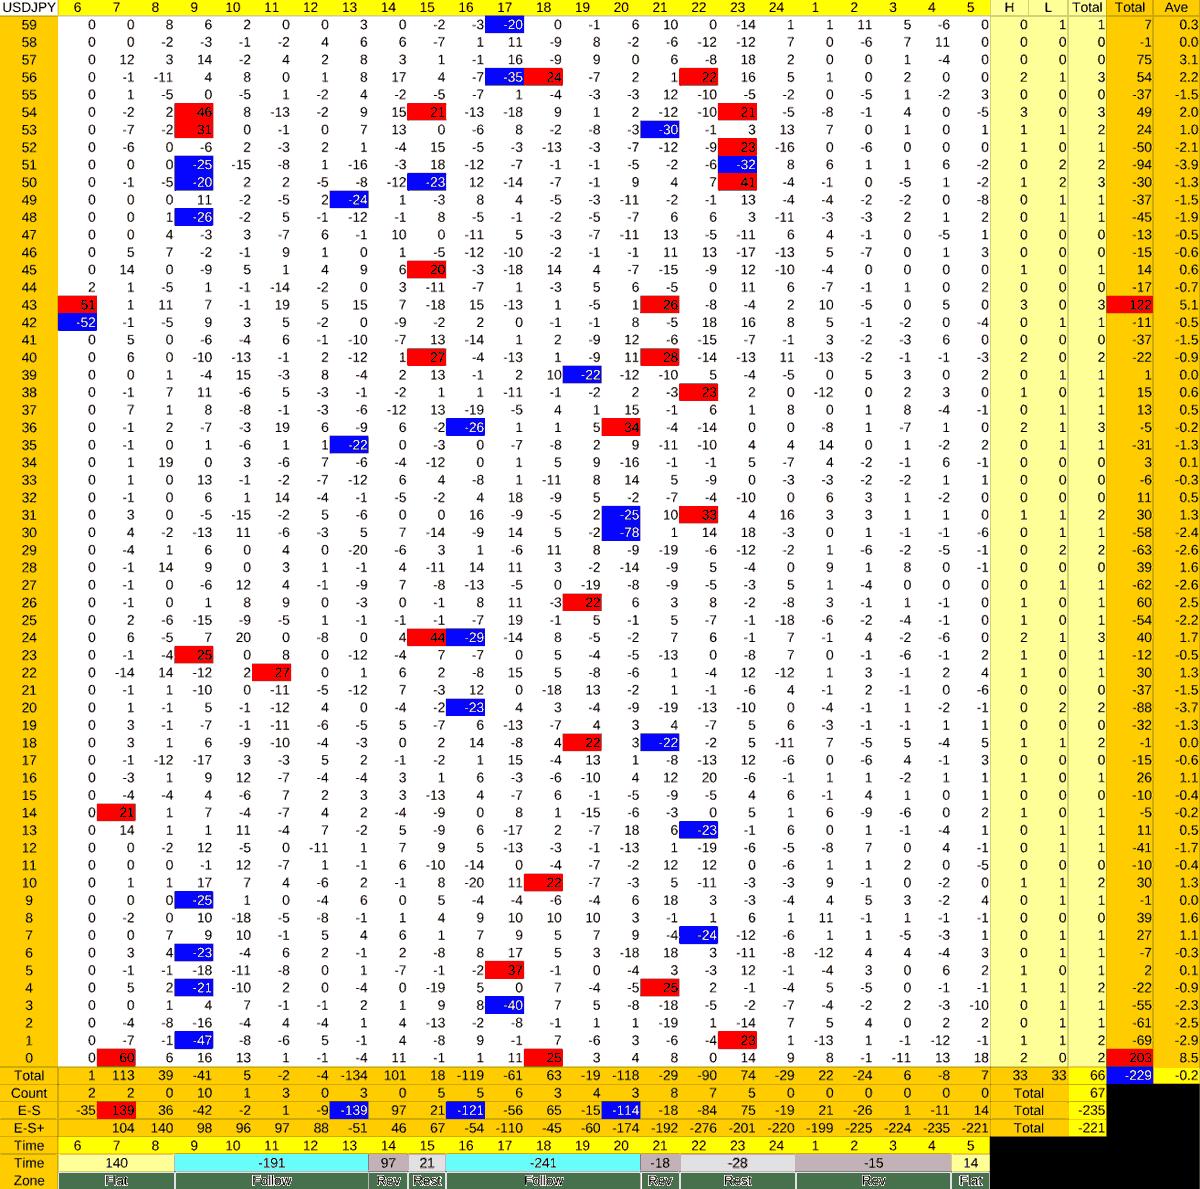 20210607_HS(1)USDJPY